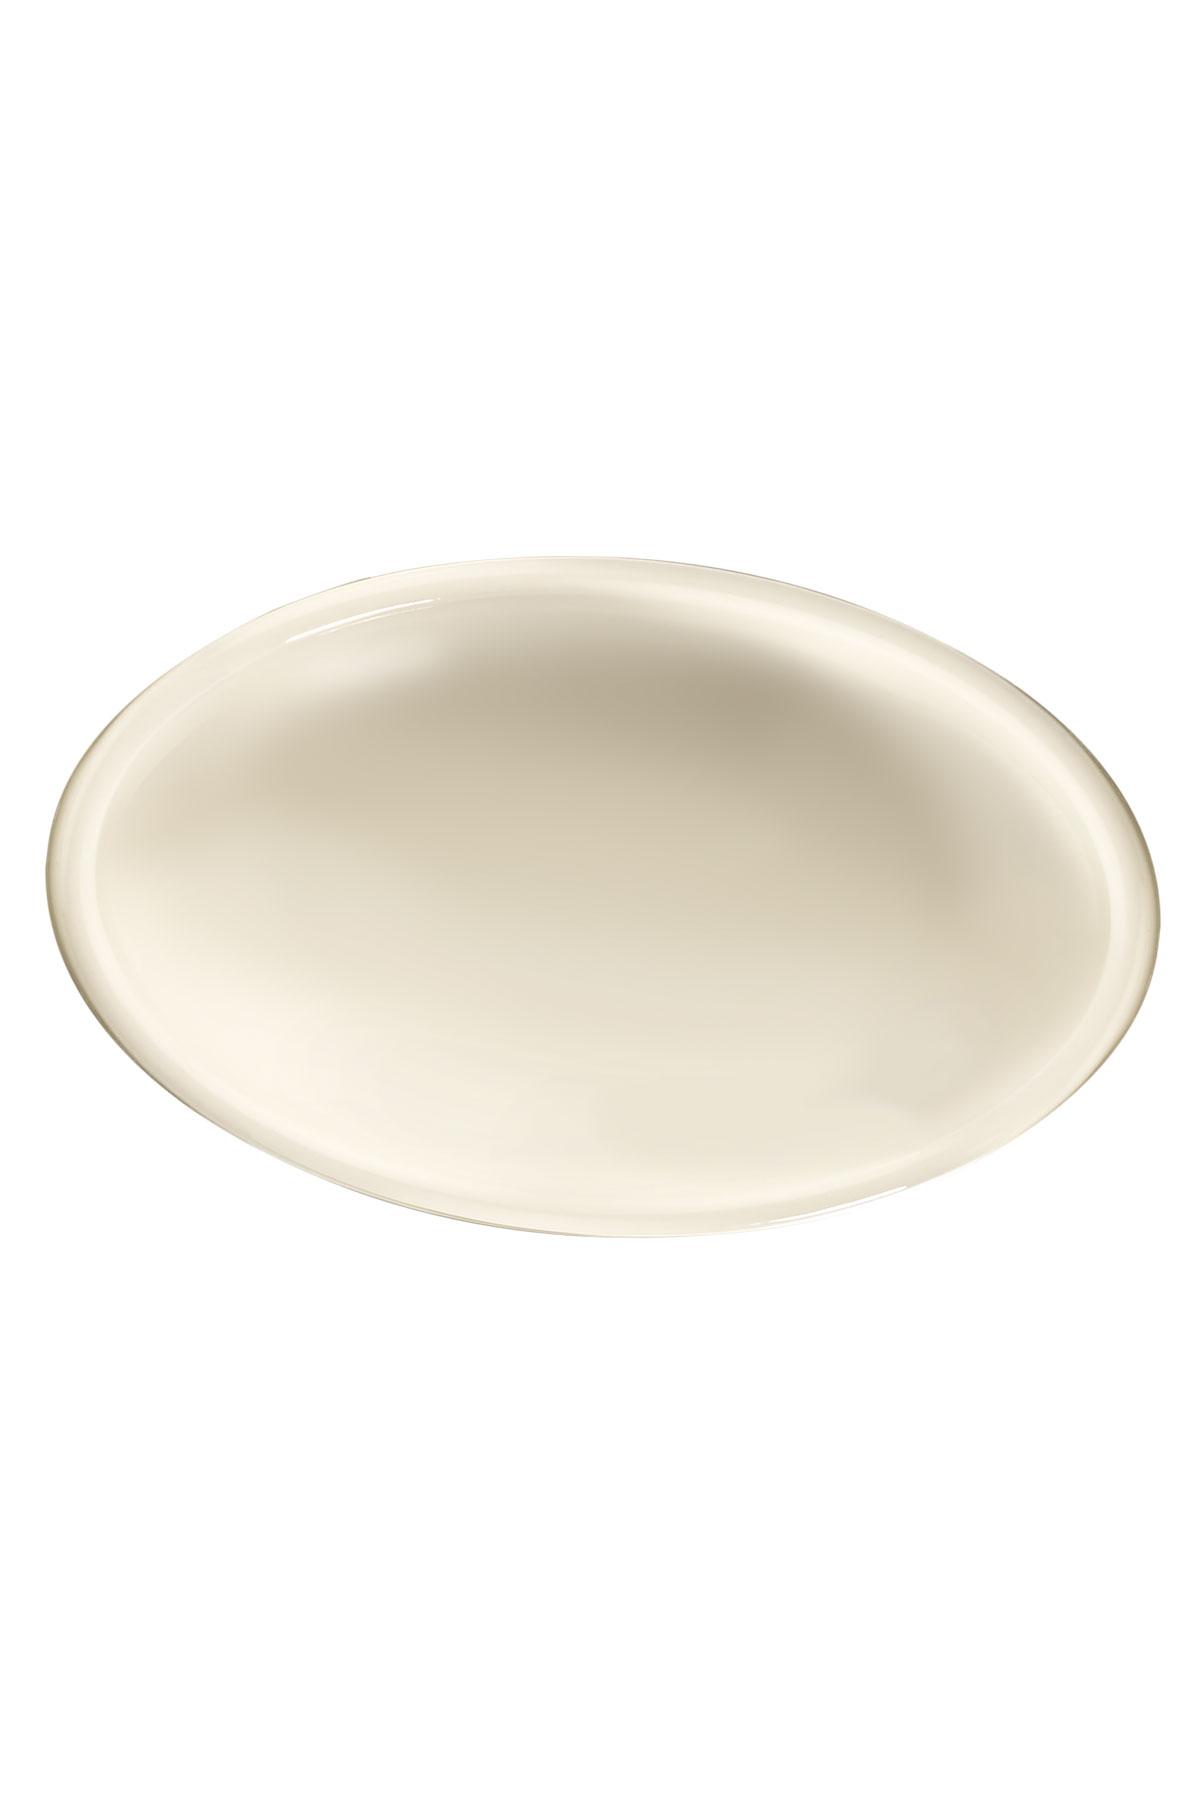 Kütahya Porselen - Kütahya Porselen Chef Taste Of 17 cm Oval Kase Krem